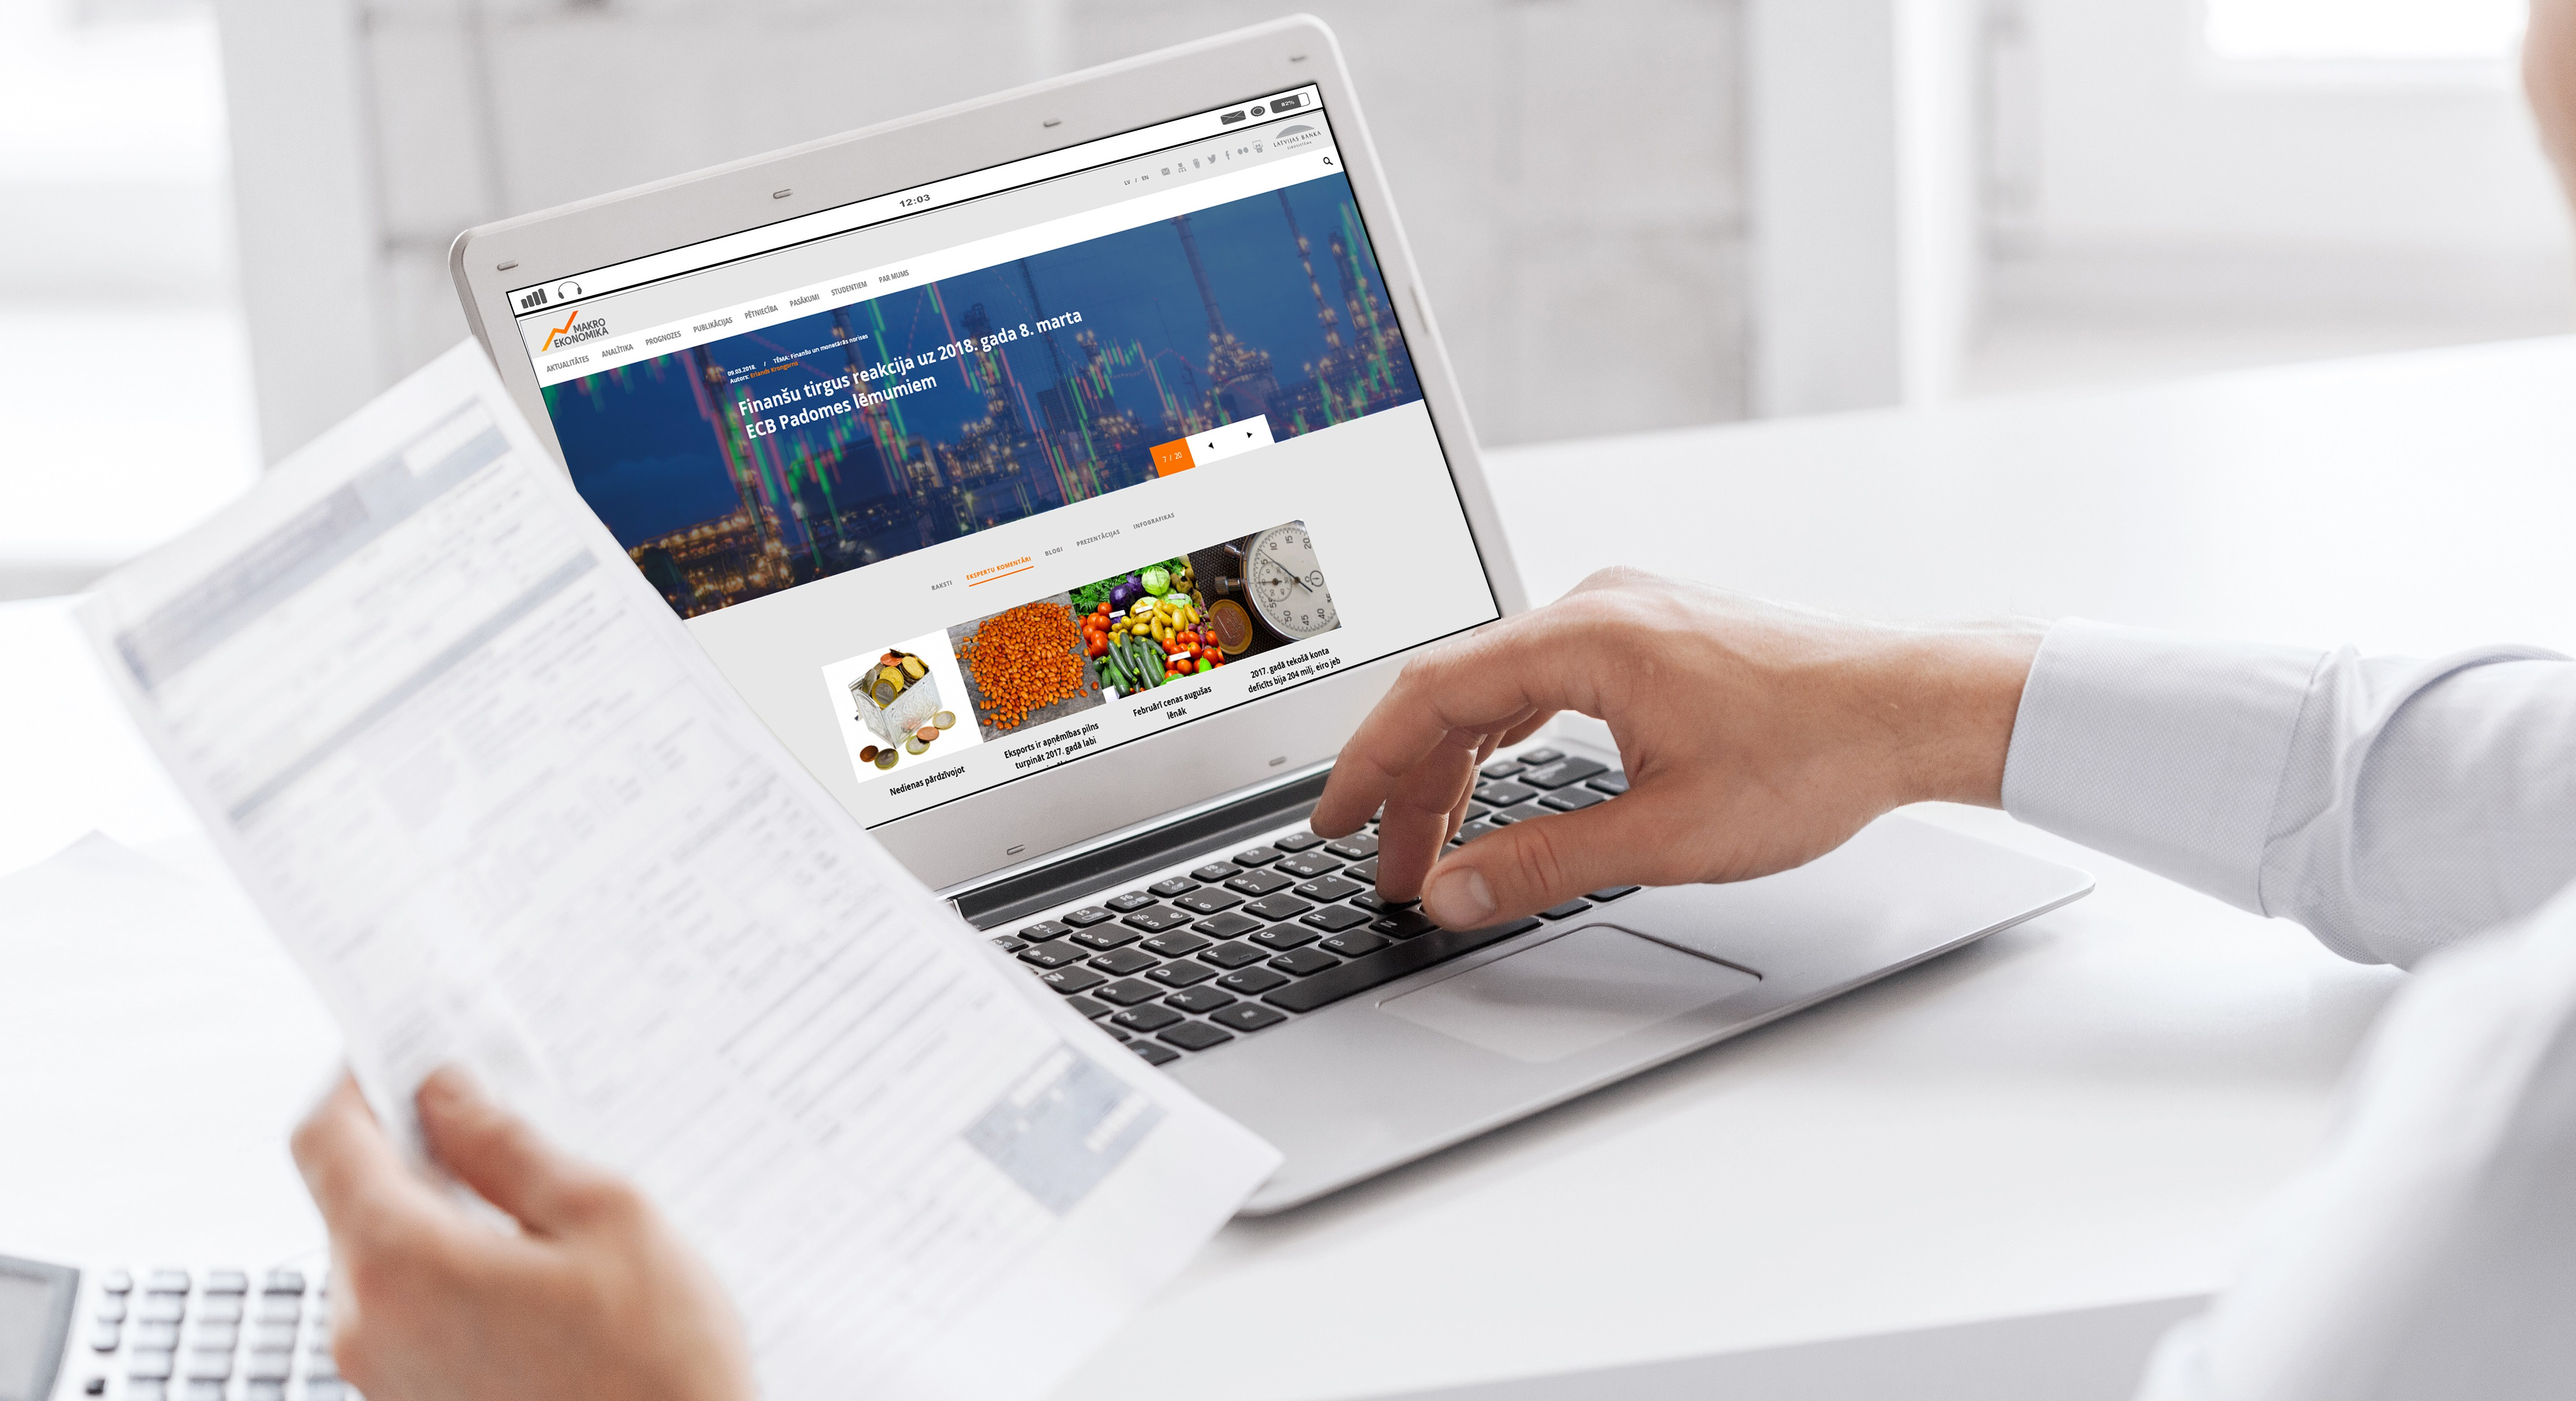 Nāc strādāt par www.makroekonomika.lv redaktoru!